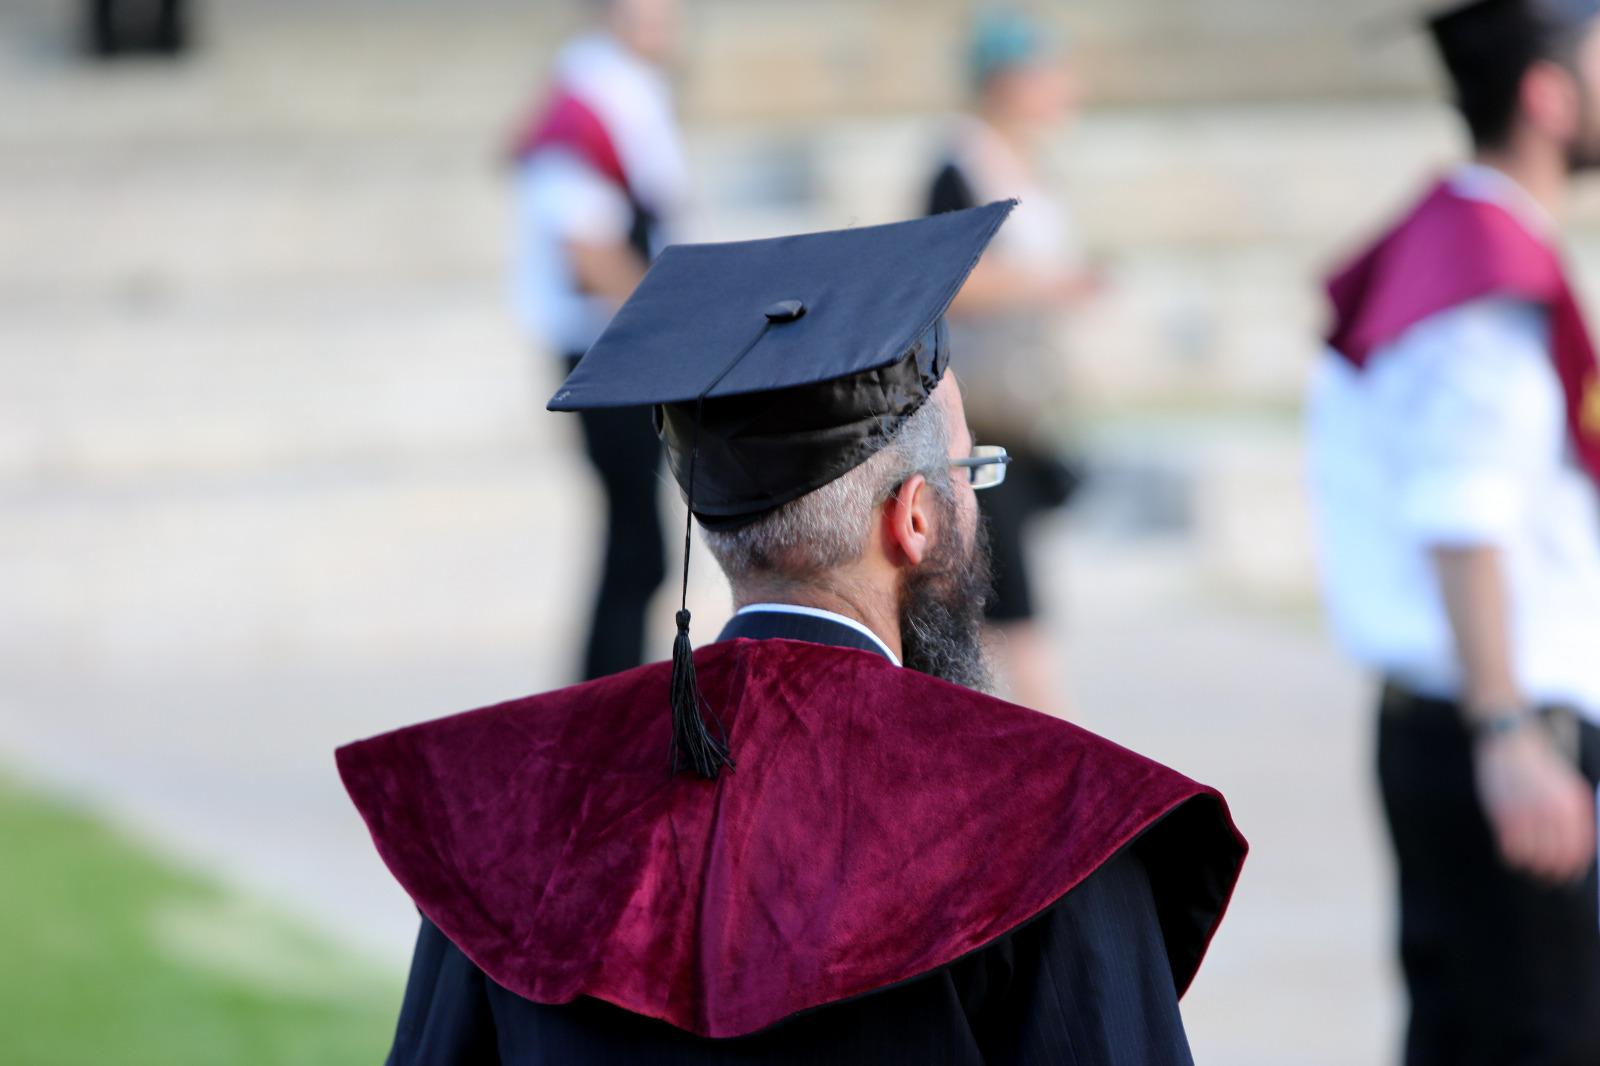 קמח במימון לסטודנטים במכללה למנהל בשלוחה החרדית